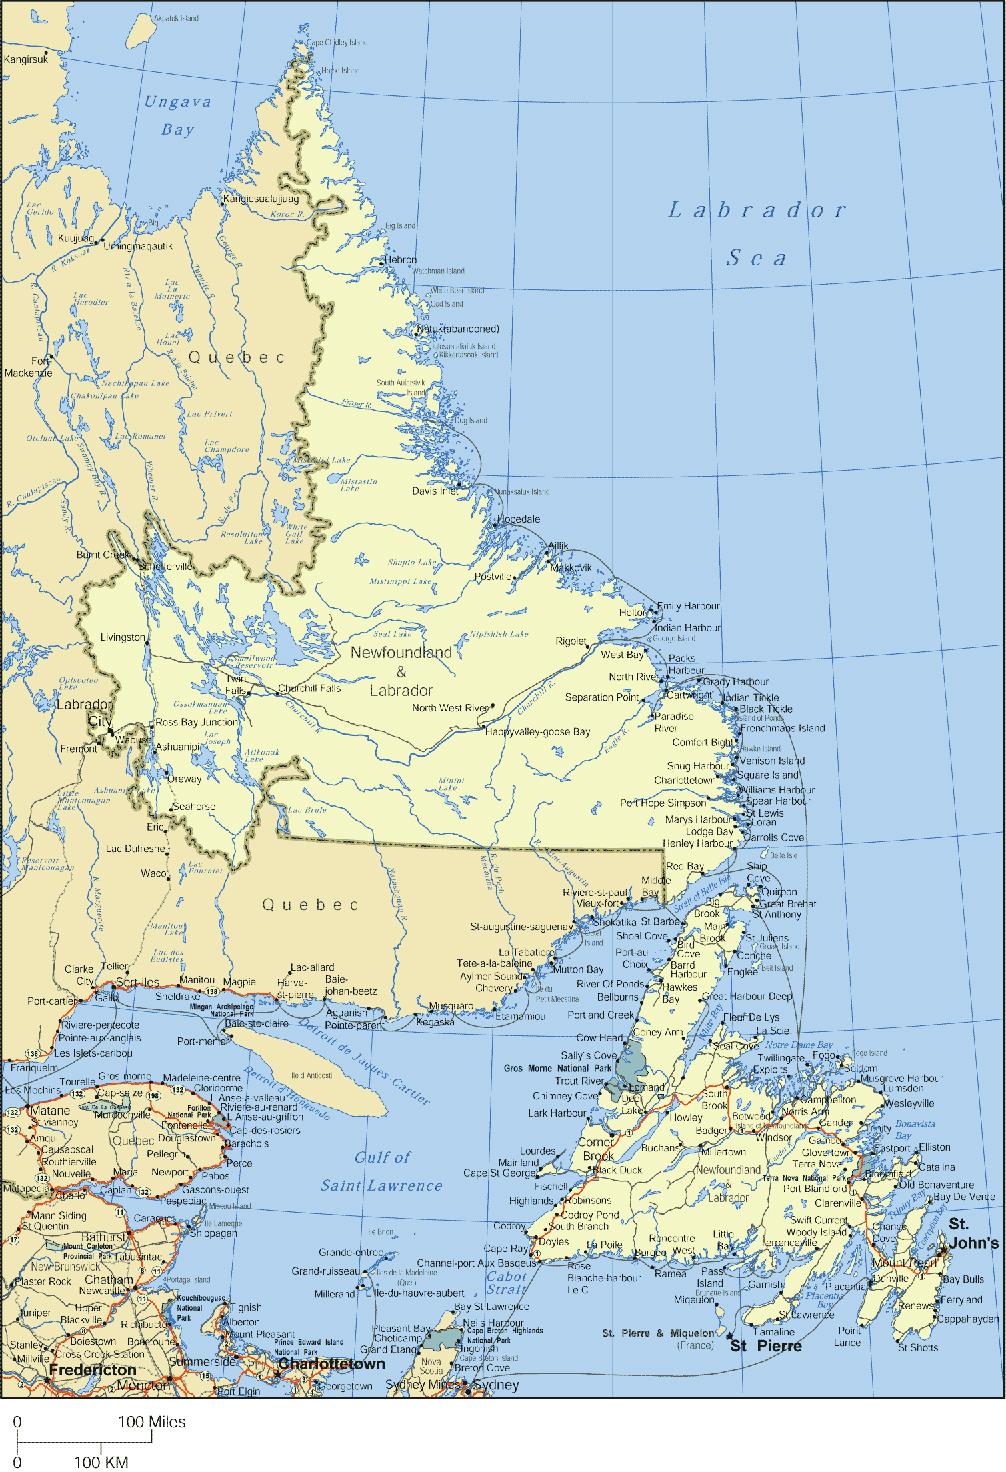 Map of Newfoundland and :abrador, Canada